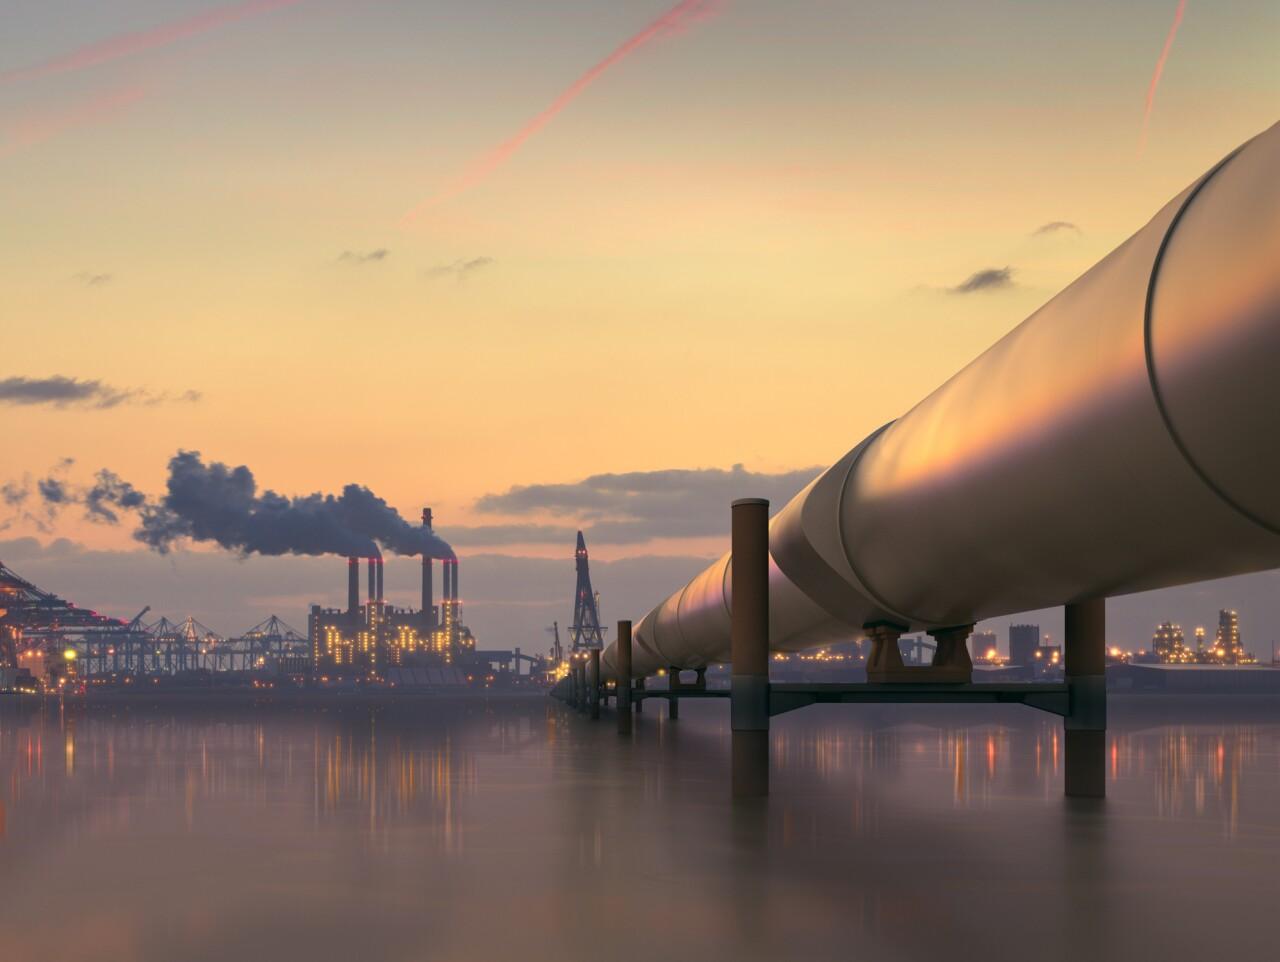 El juez Gómez Fierro suspende provisionalmente reforma a la ley de hidrocarburos